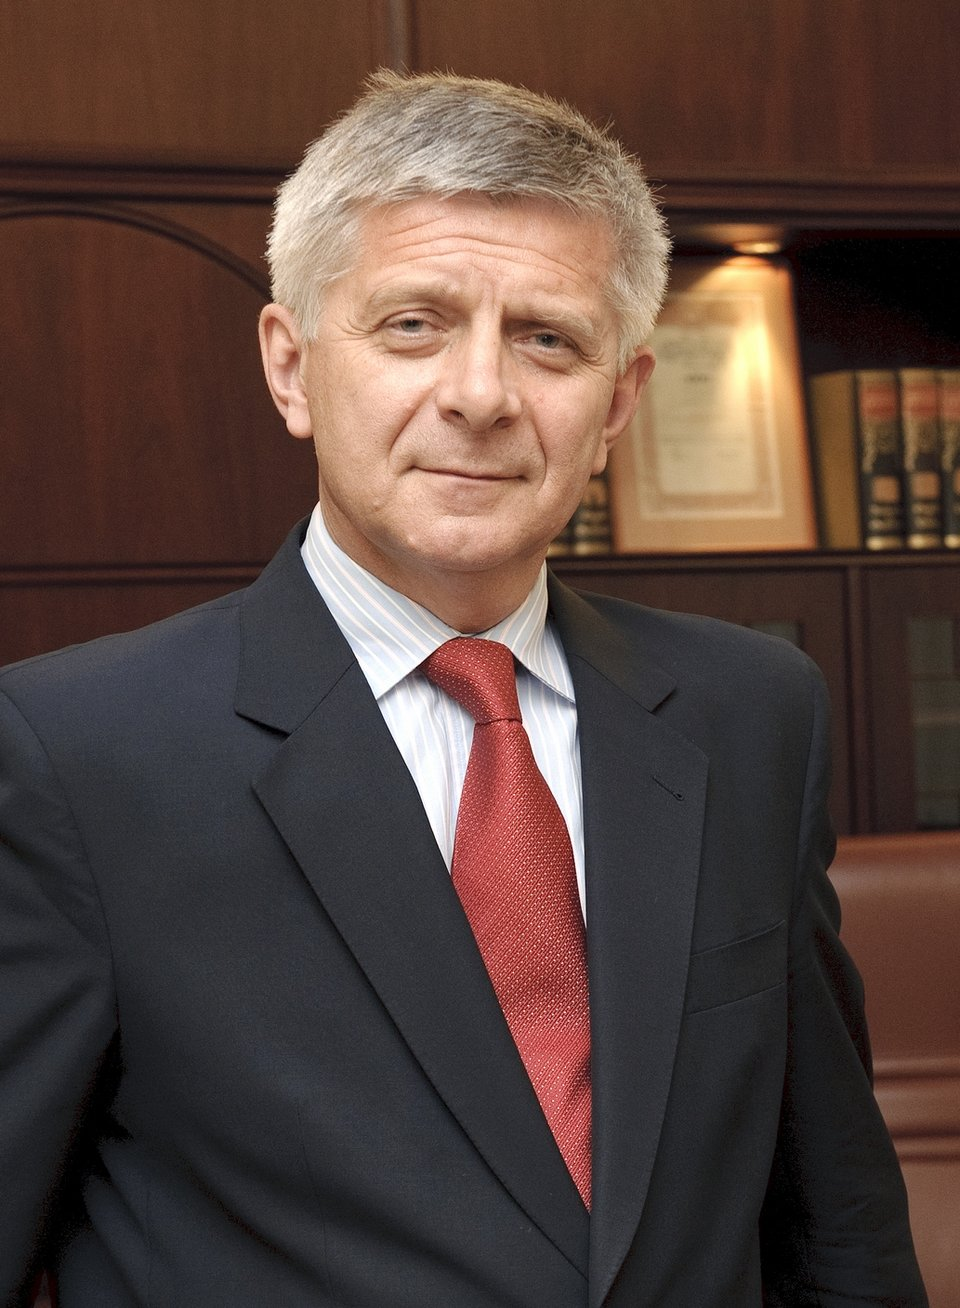 Marek Belka, Prezes Narodowego Banku Polskiego od 11 czerwca 2010 roku Marek Belka, Prezes Narodowego Banku Polskiego od 11 czerwca 2010 roku Źródło: Archiwum NBP, licencja: CC BY-SA 2.0.